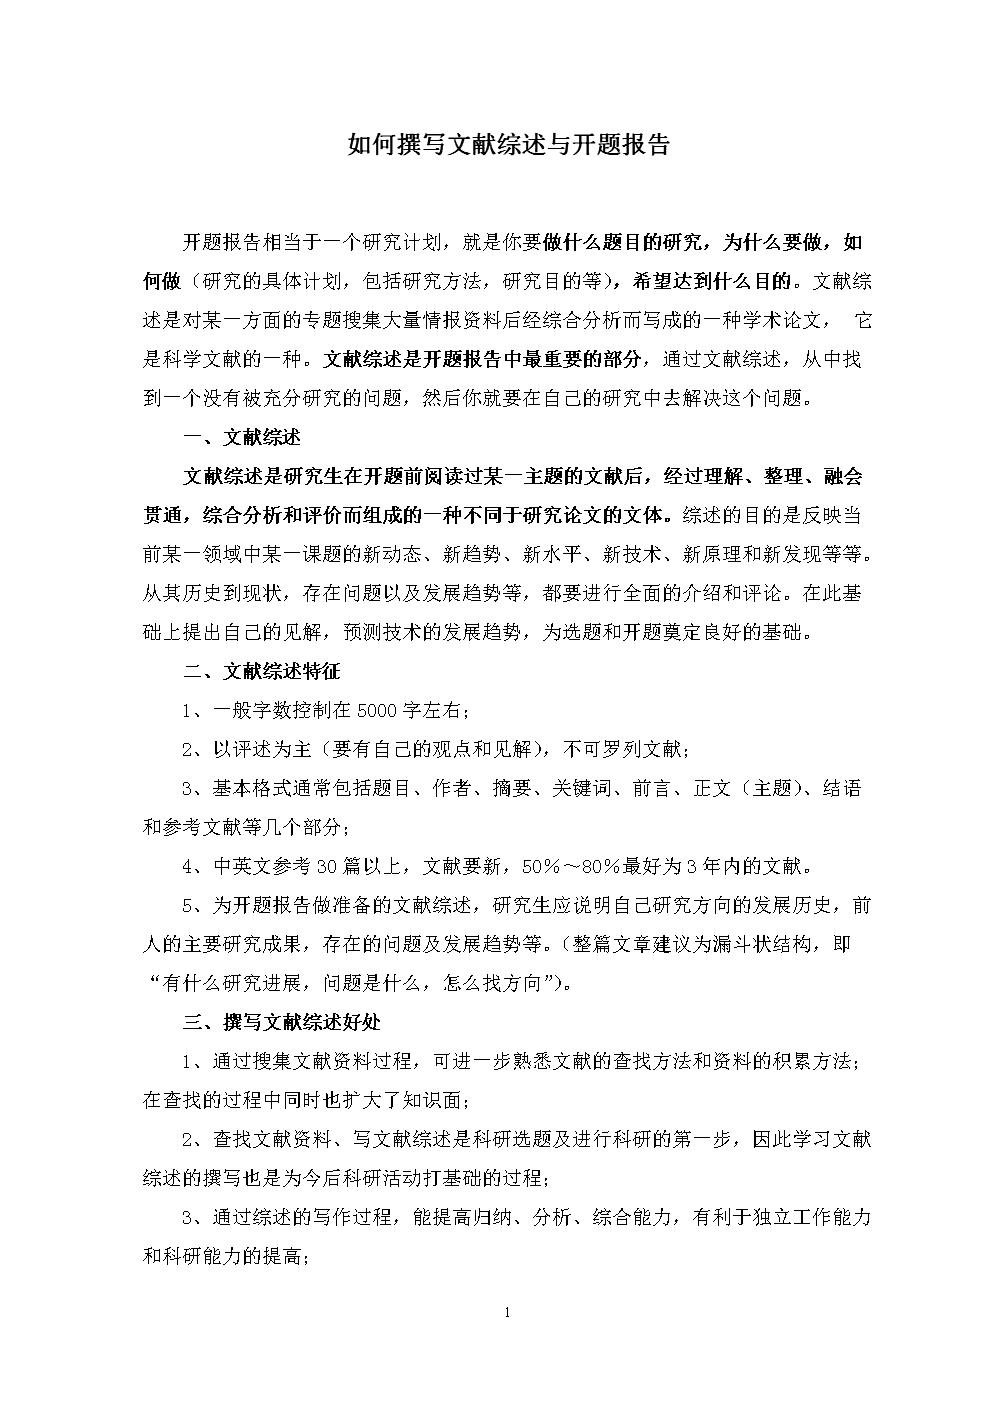 课题研究报告 范文_熙哥_新浪博客